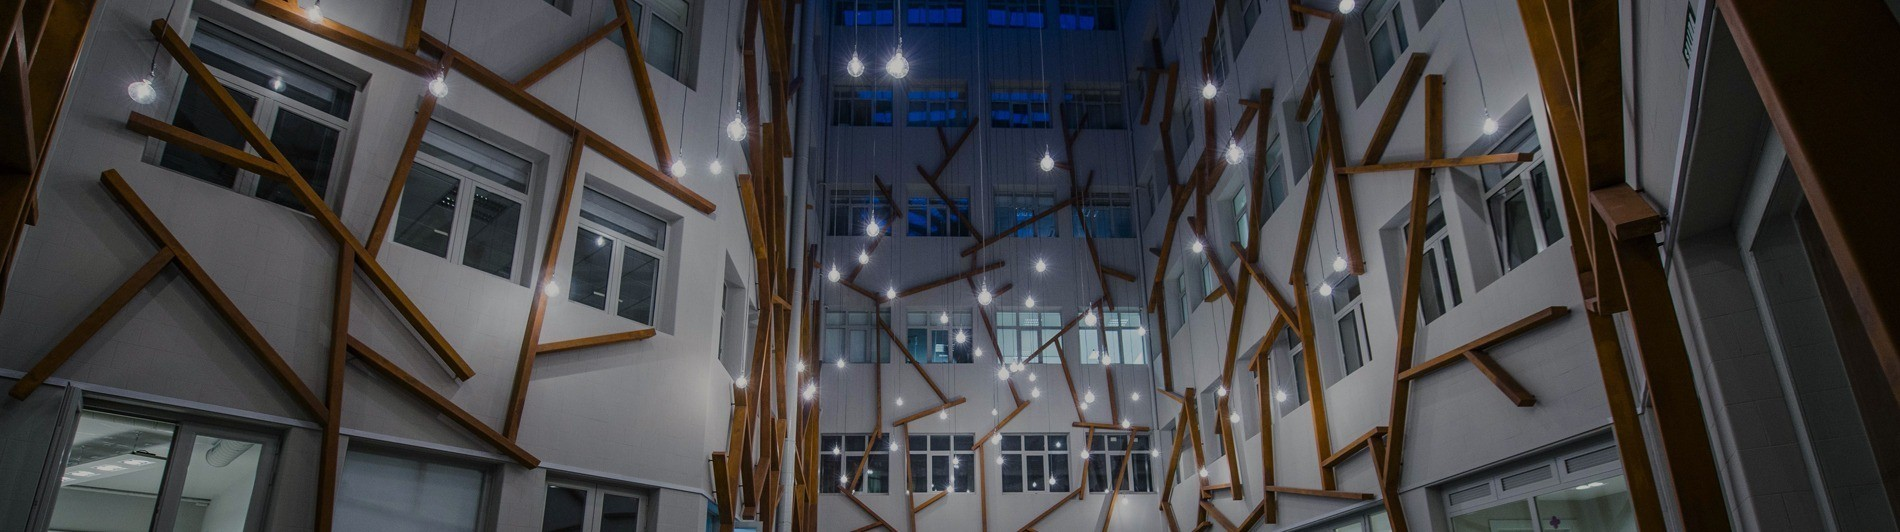 Patio YARD de YIMBY iluminado por la noche